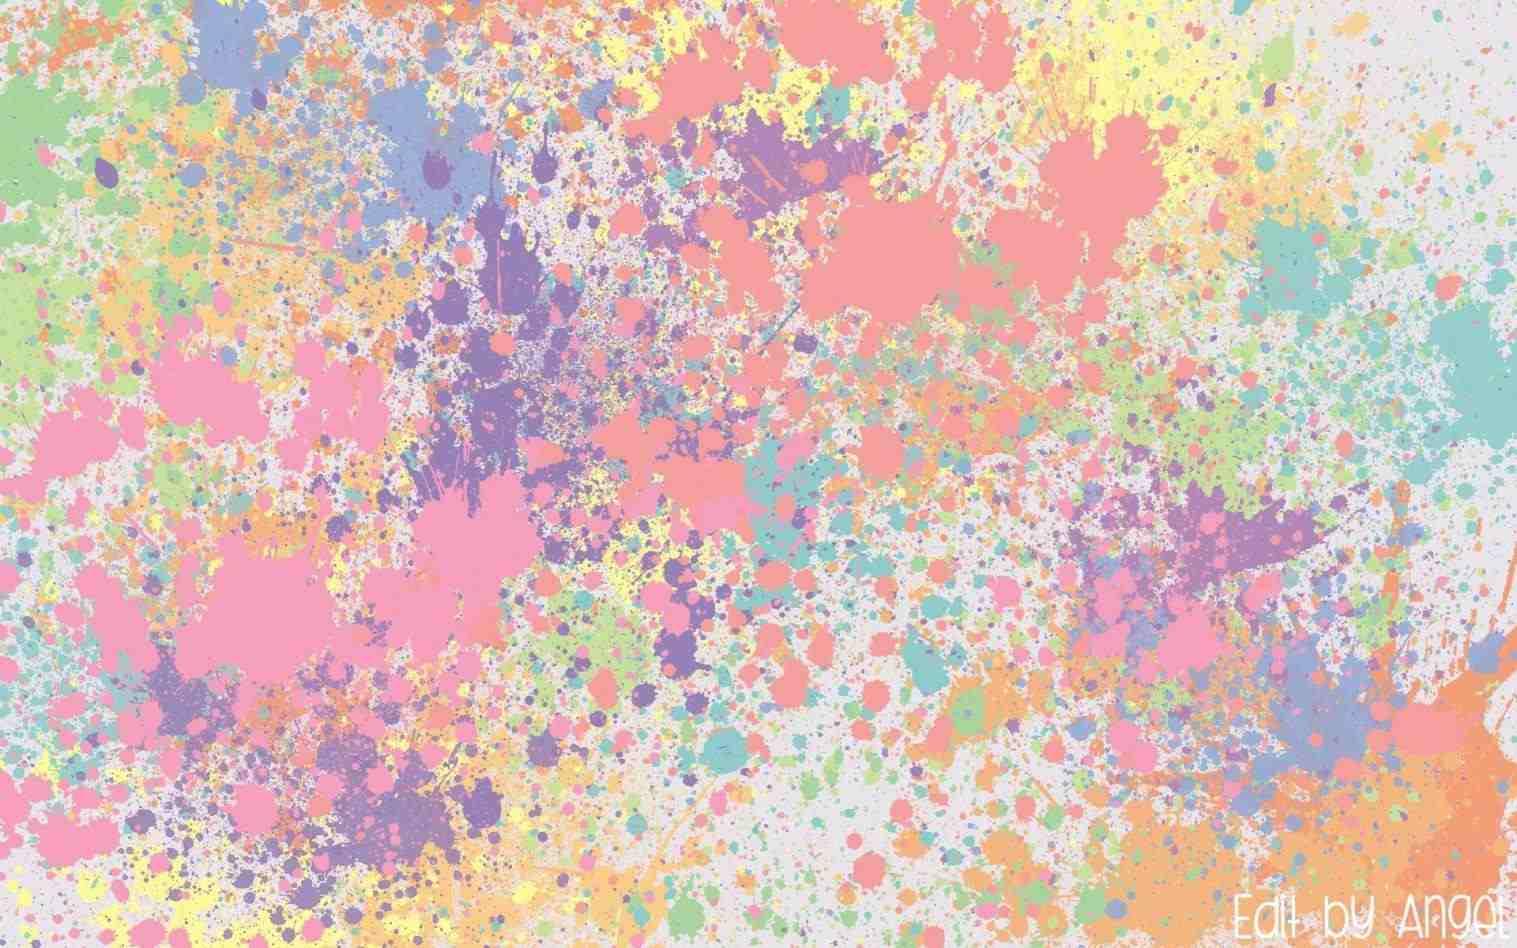 Download Wallpaper For Laptop Pinterest Hd Cikimmcom